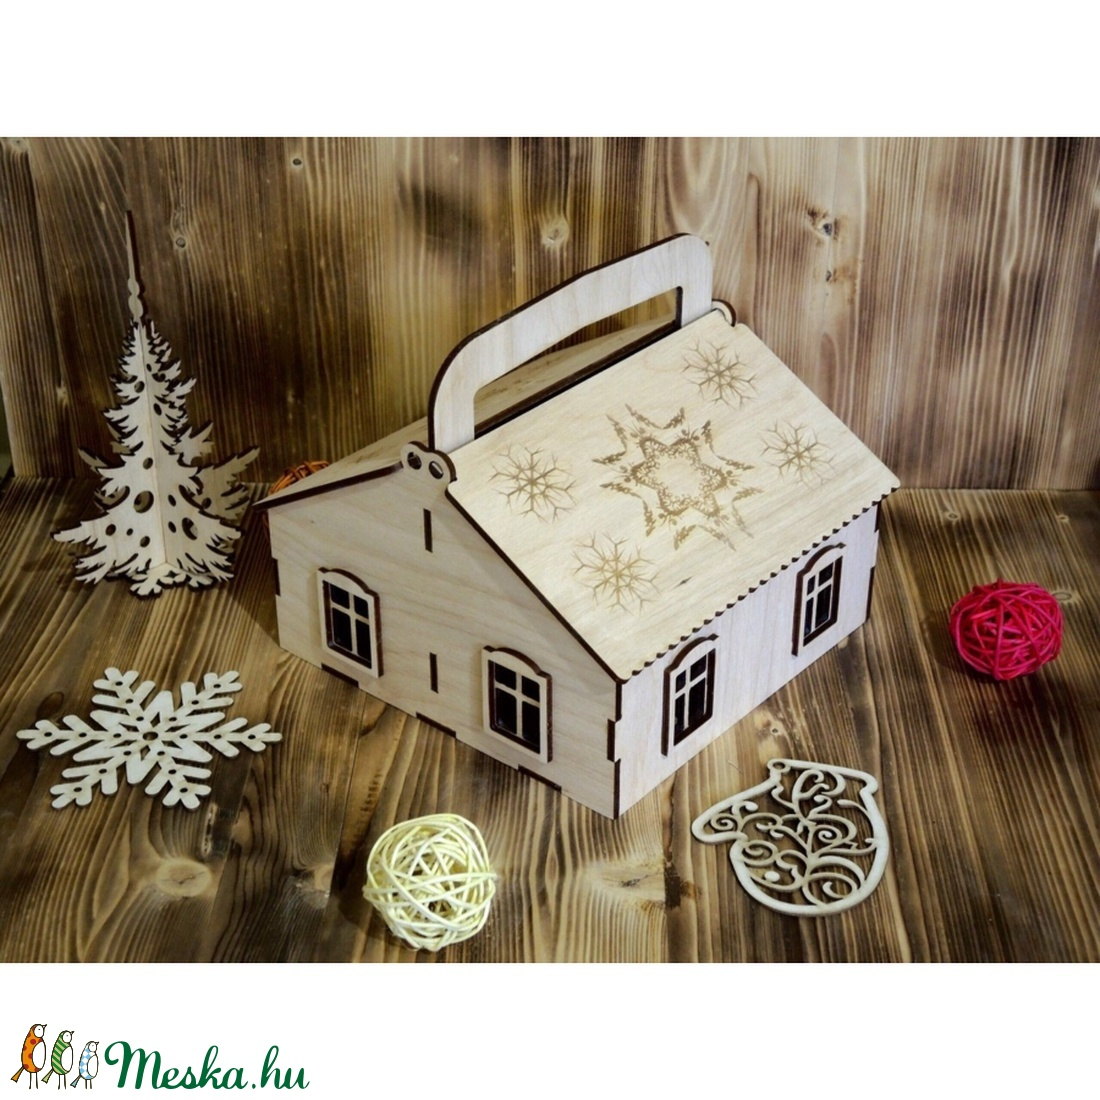 Ajándék doboz, házikó formájú, felnyitható tetővel - karácsony - karácsonyi ajándékozás - karácsonyi ajándékcsomagolás - Meska.hu